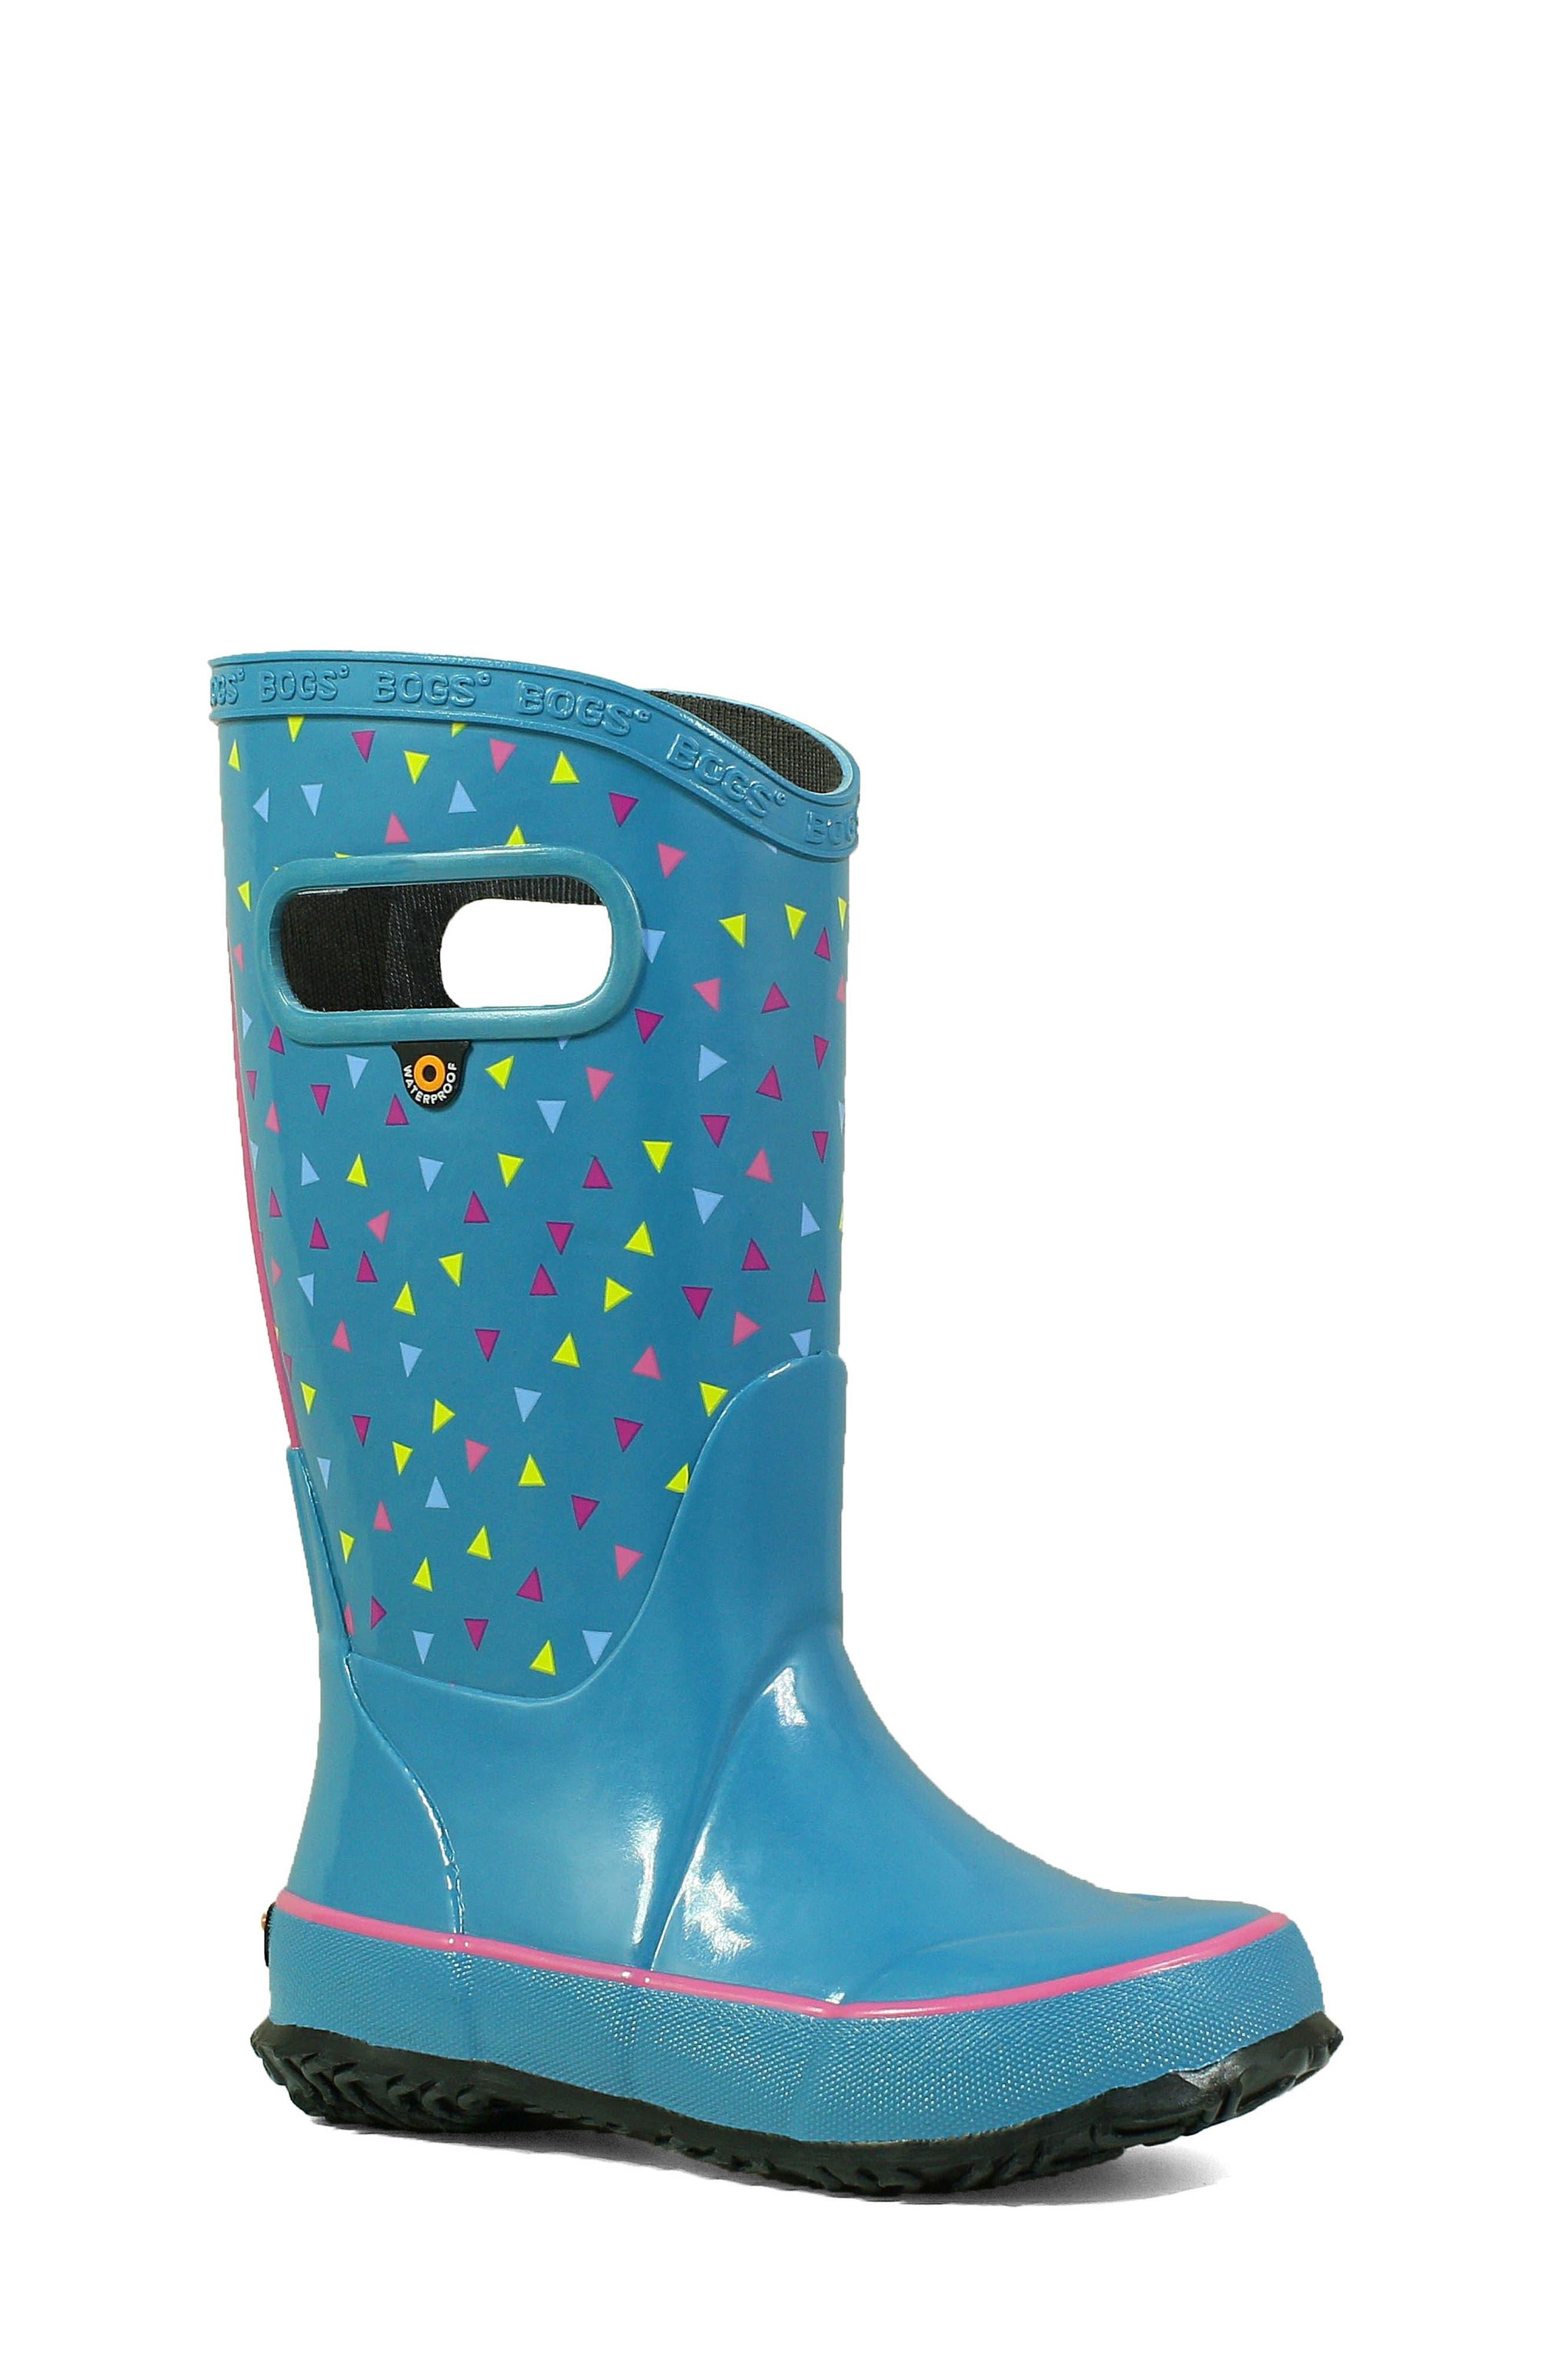 Bogs Dots Waterproof Rain Boot